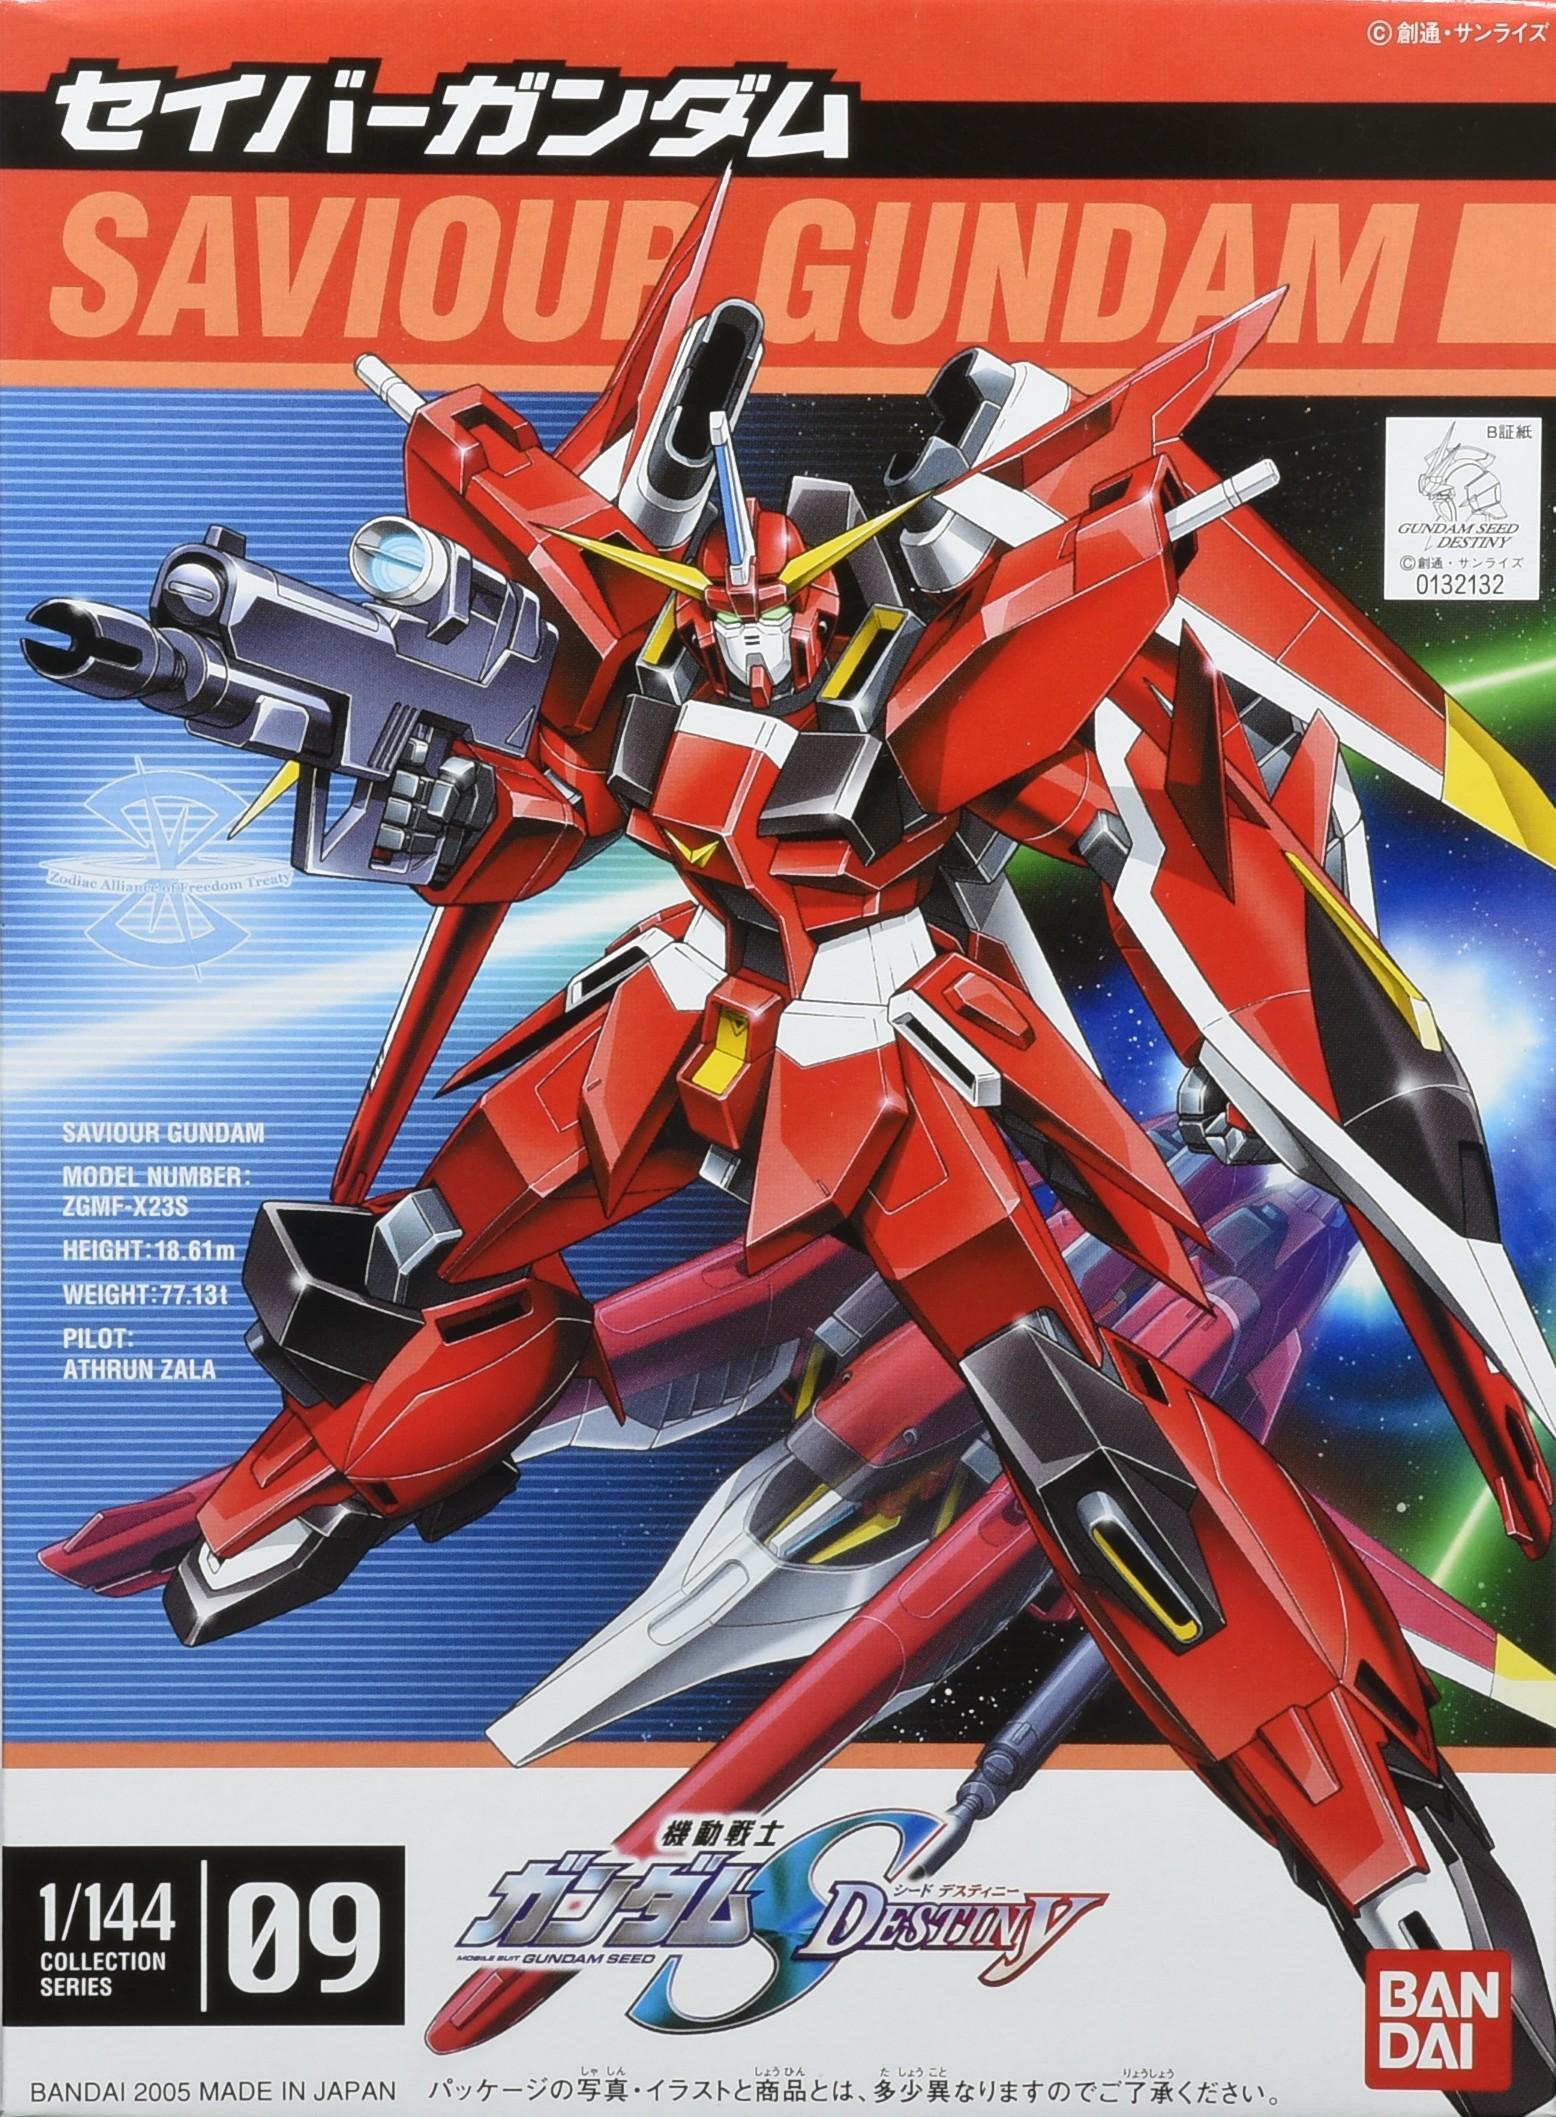 [09] Saviour Gundam